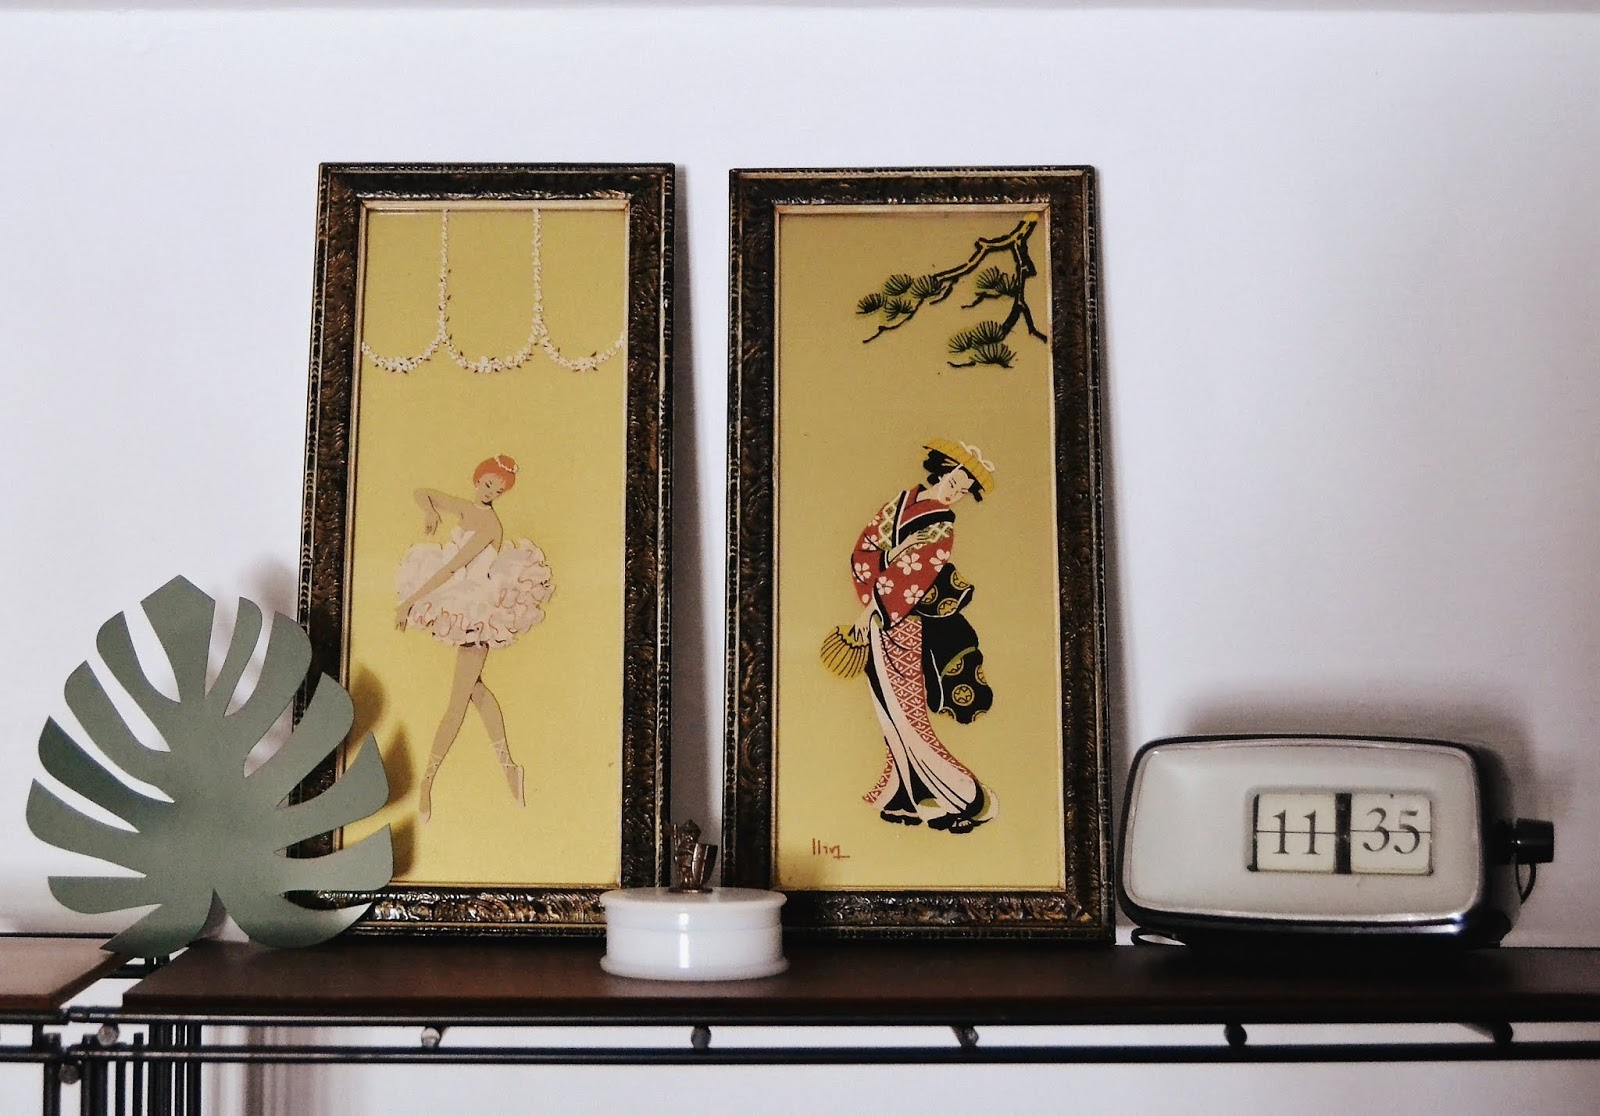 Como integrar una Monstera o  en tu decoración, te explico de forma clara como decorar con una planta fascinante como es la Costilla de Adán